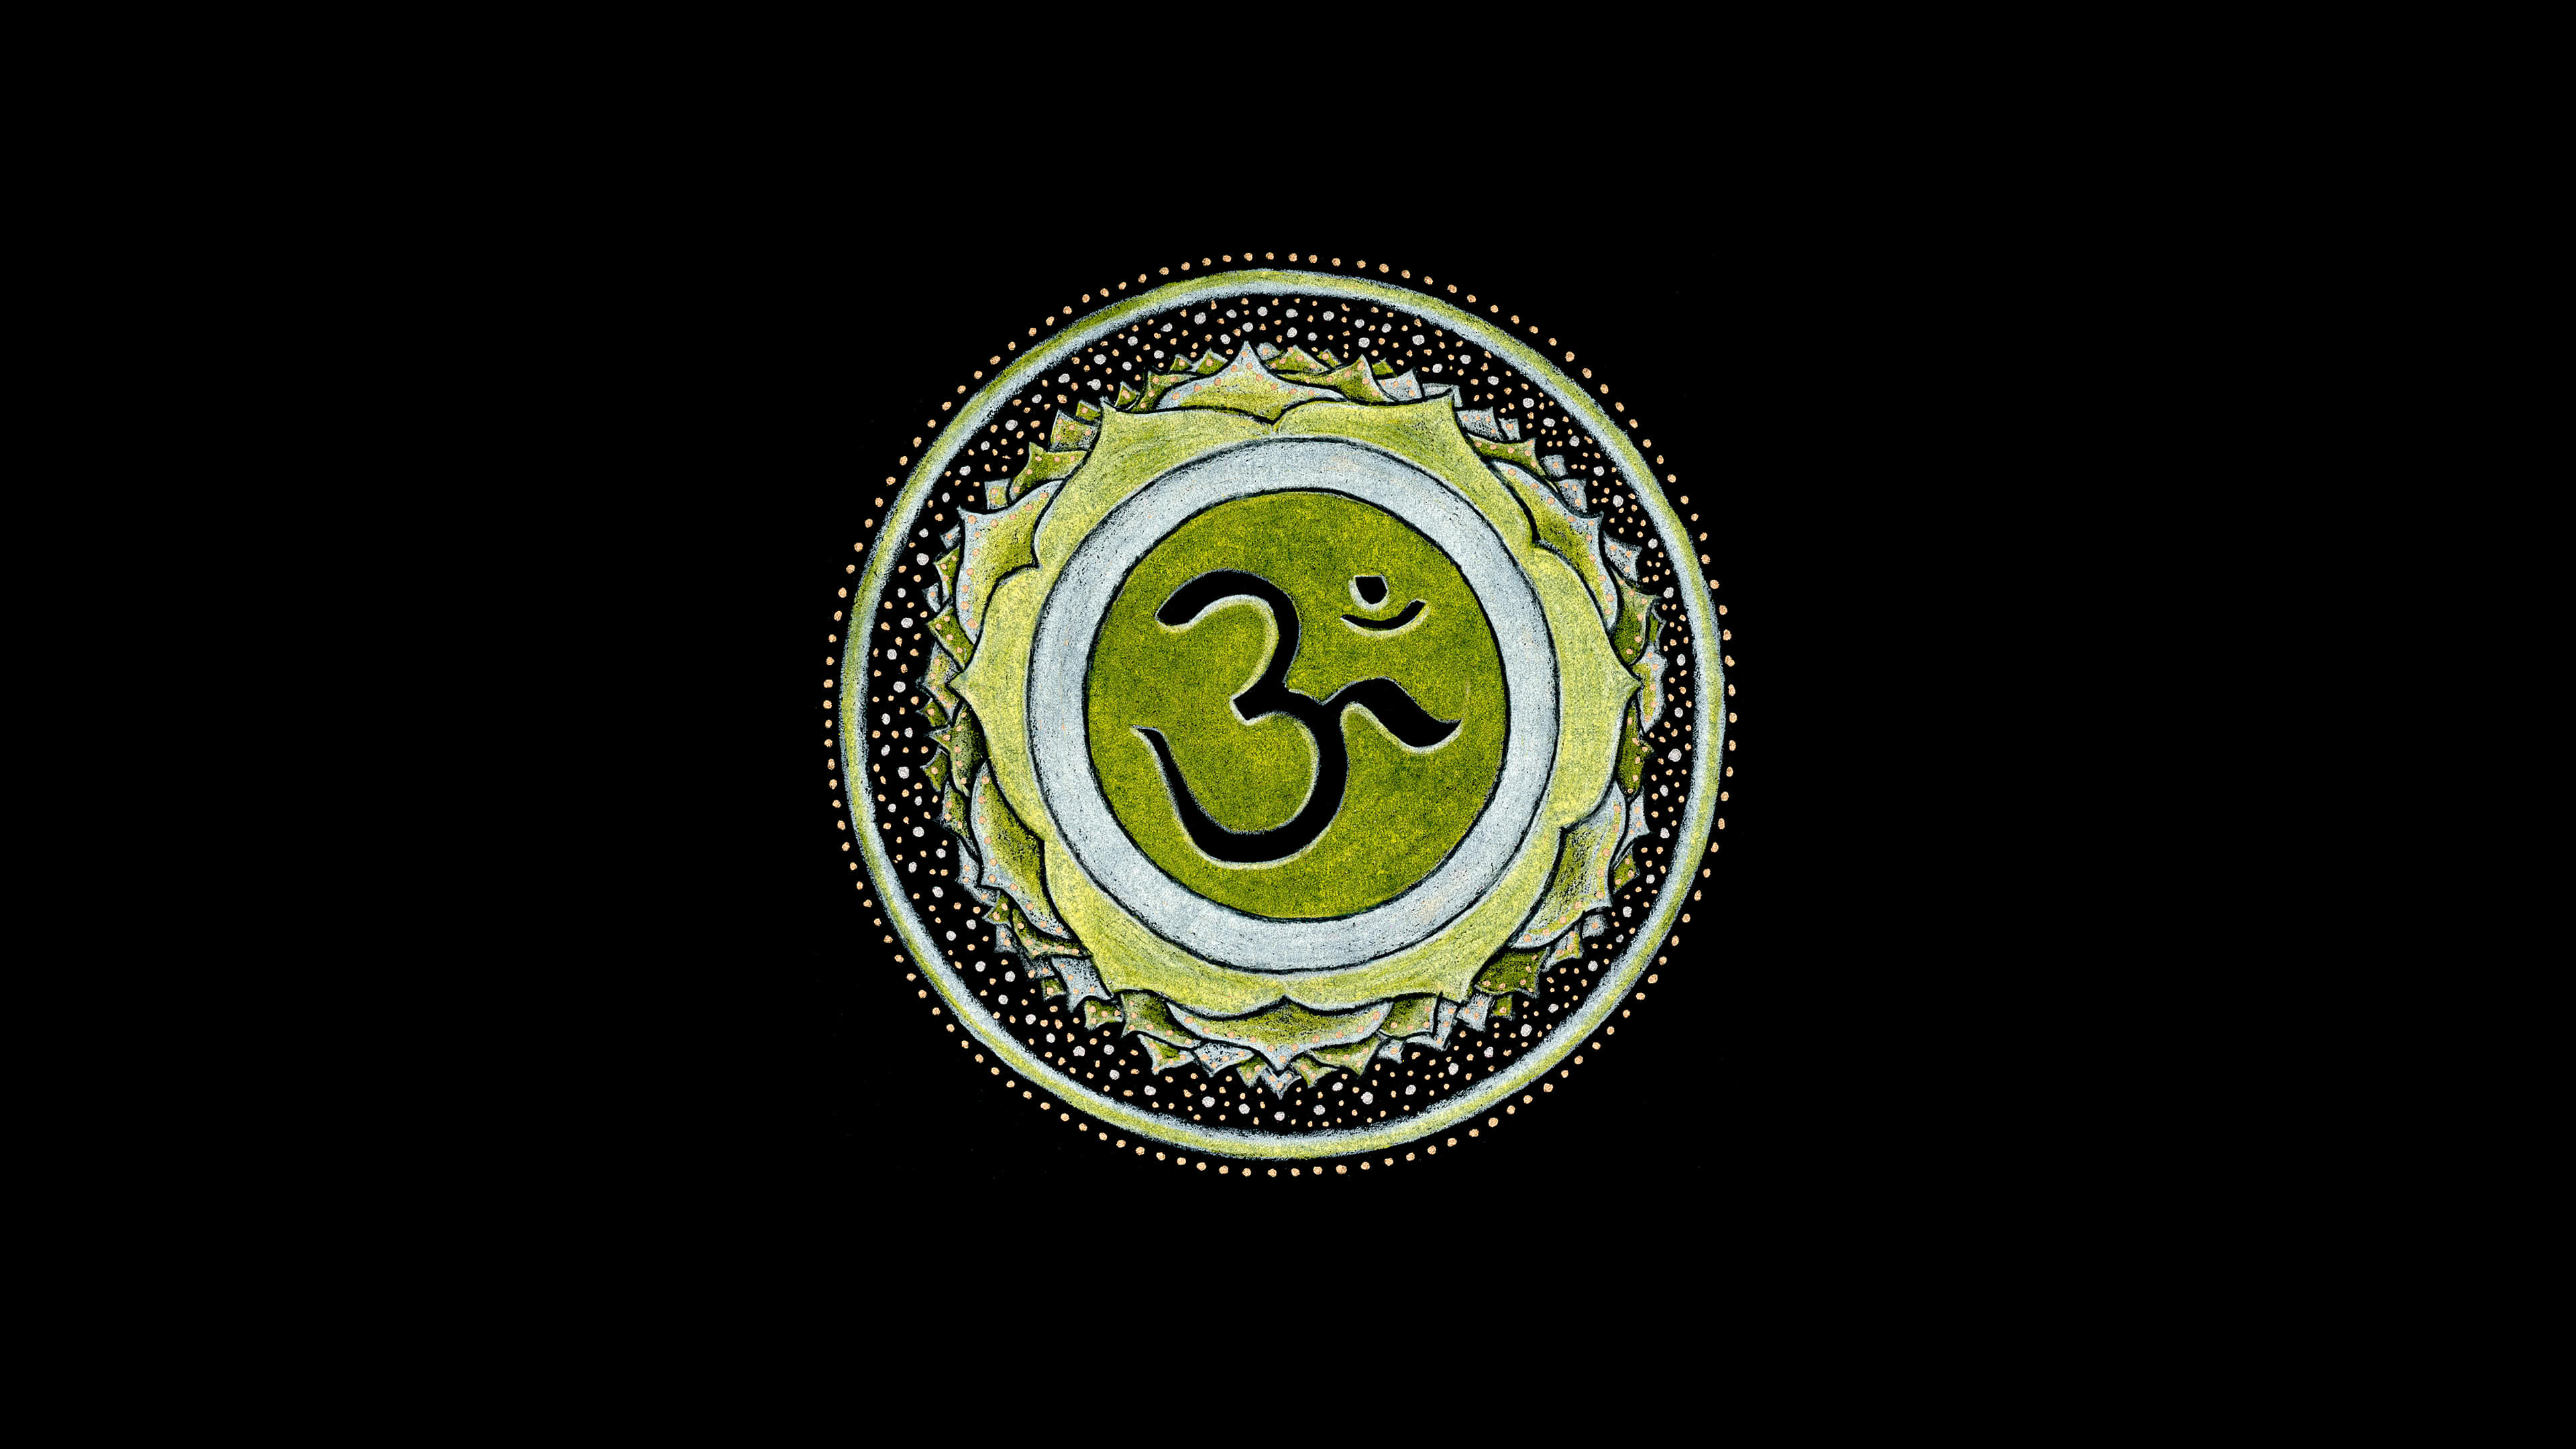 om hindu symbol uhd 4k wallpaper